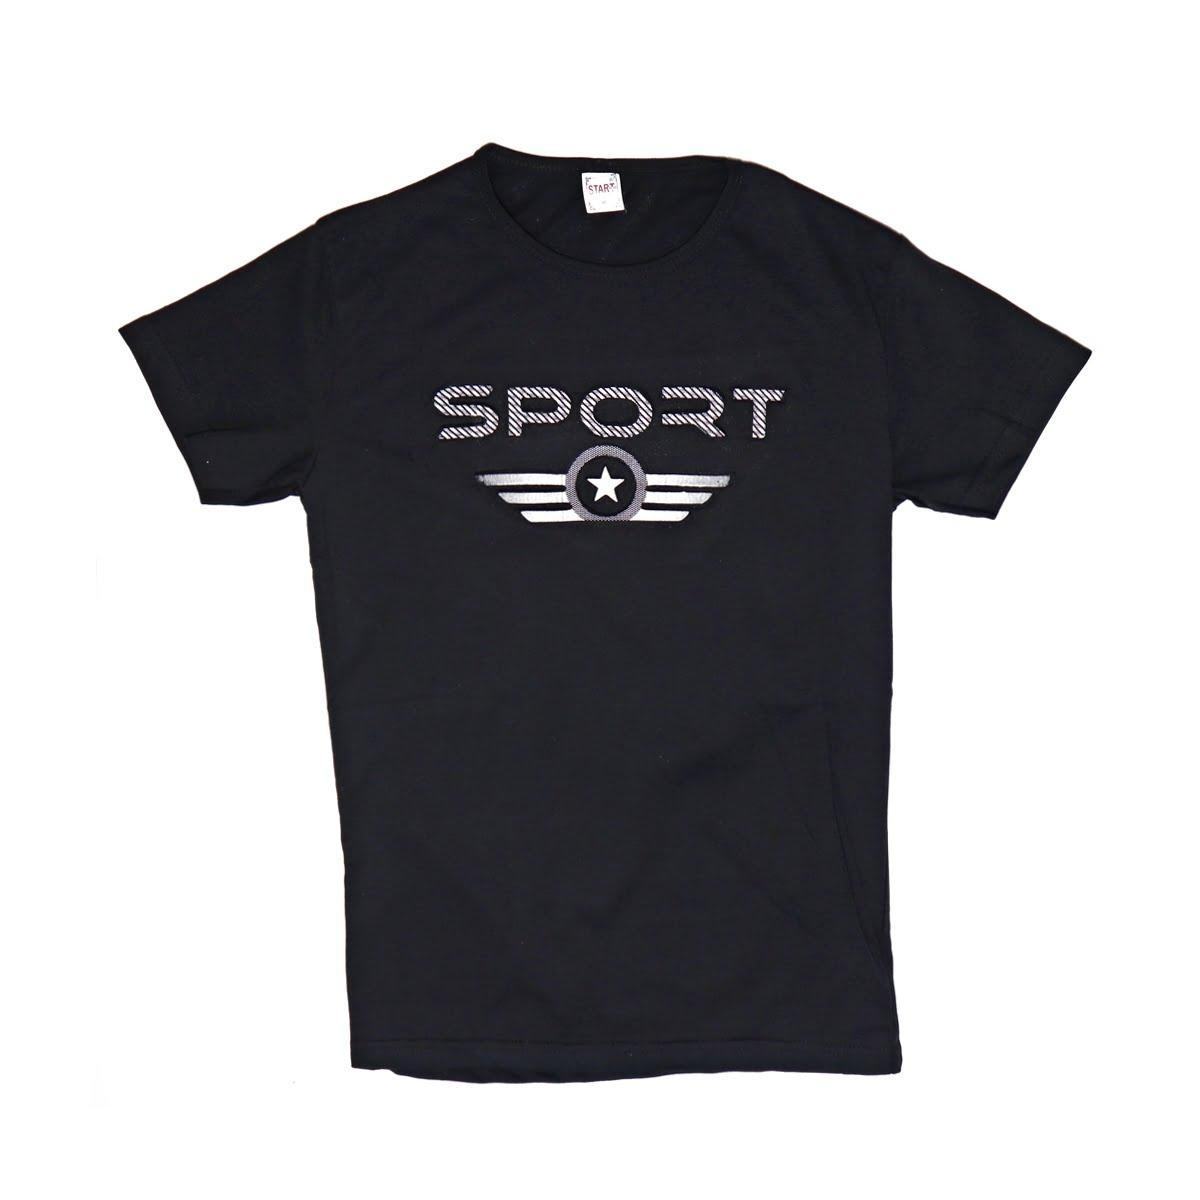 Sport,Tricou barbatesc din bumbac 100% negrucu imprimeu in relief sport 041